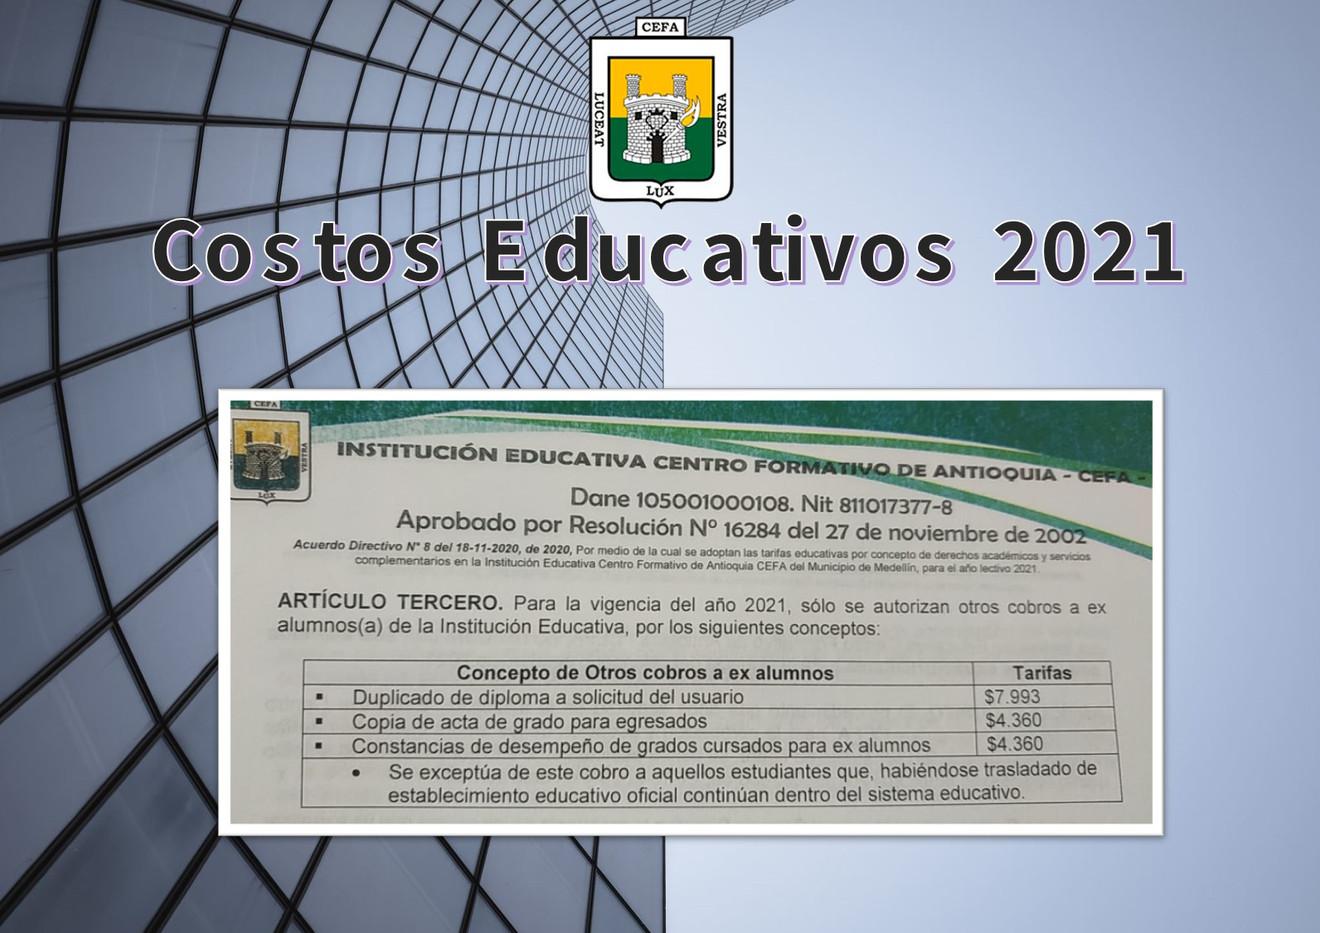 CostosEducativos2021